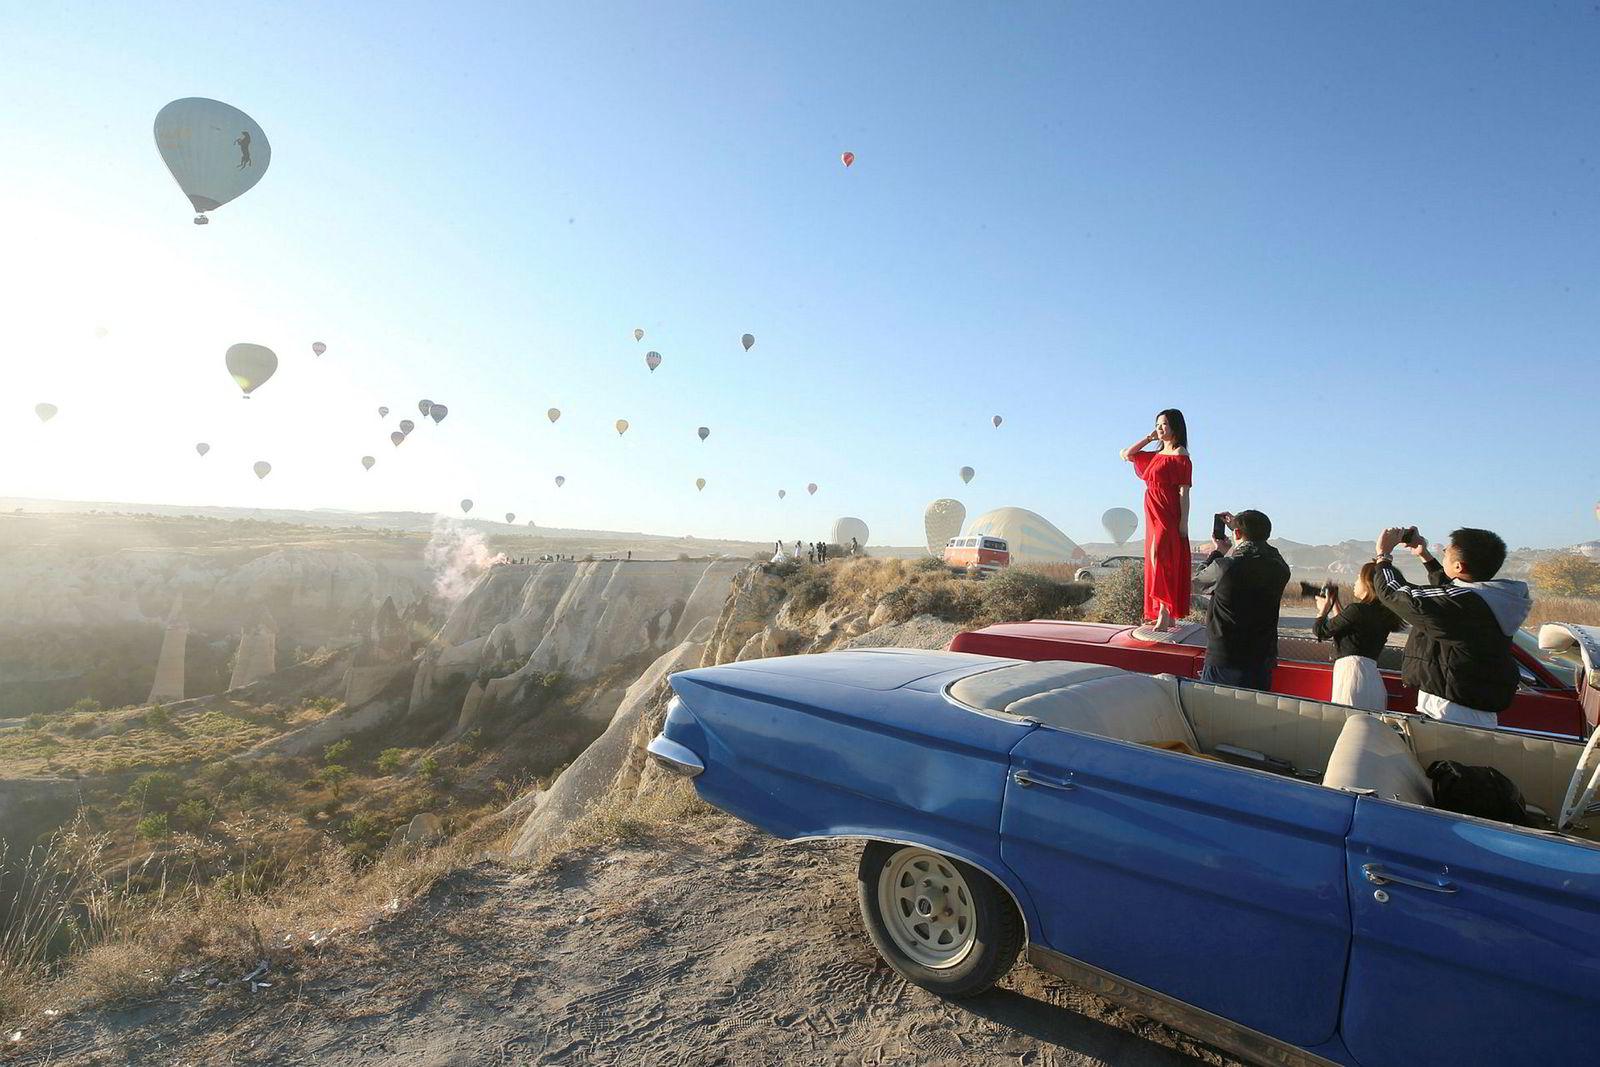 Turister tar bilder mens varmluftsballonger glir over Goreme-distriktet i den historiske Cappadocia-regionen i Tyrkia 30. september 2019. Cappadocia er bevart som et UNESCOs verdensarvsted og er kjent for sine skorsteinsbergarter, varmluftsballongturer, underjordiske byer og boutiquehoteller skåret ut i steiner.